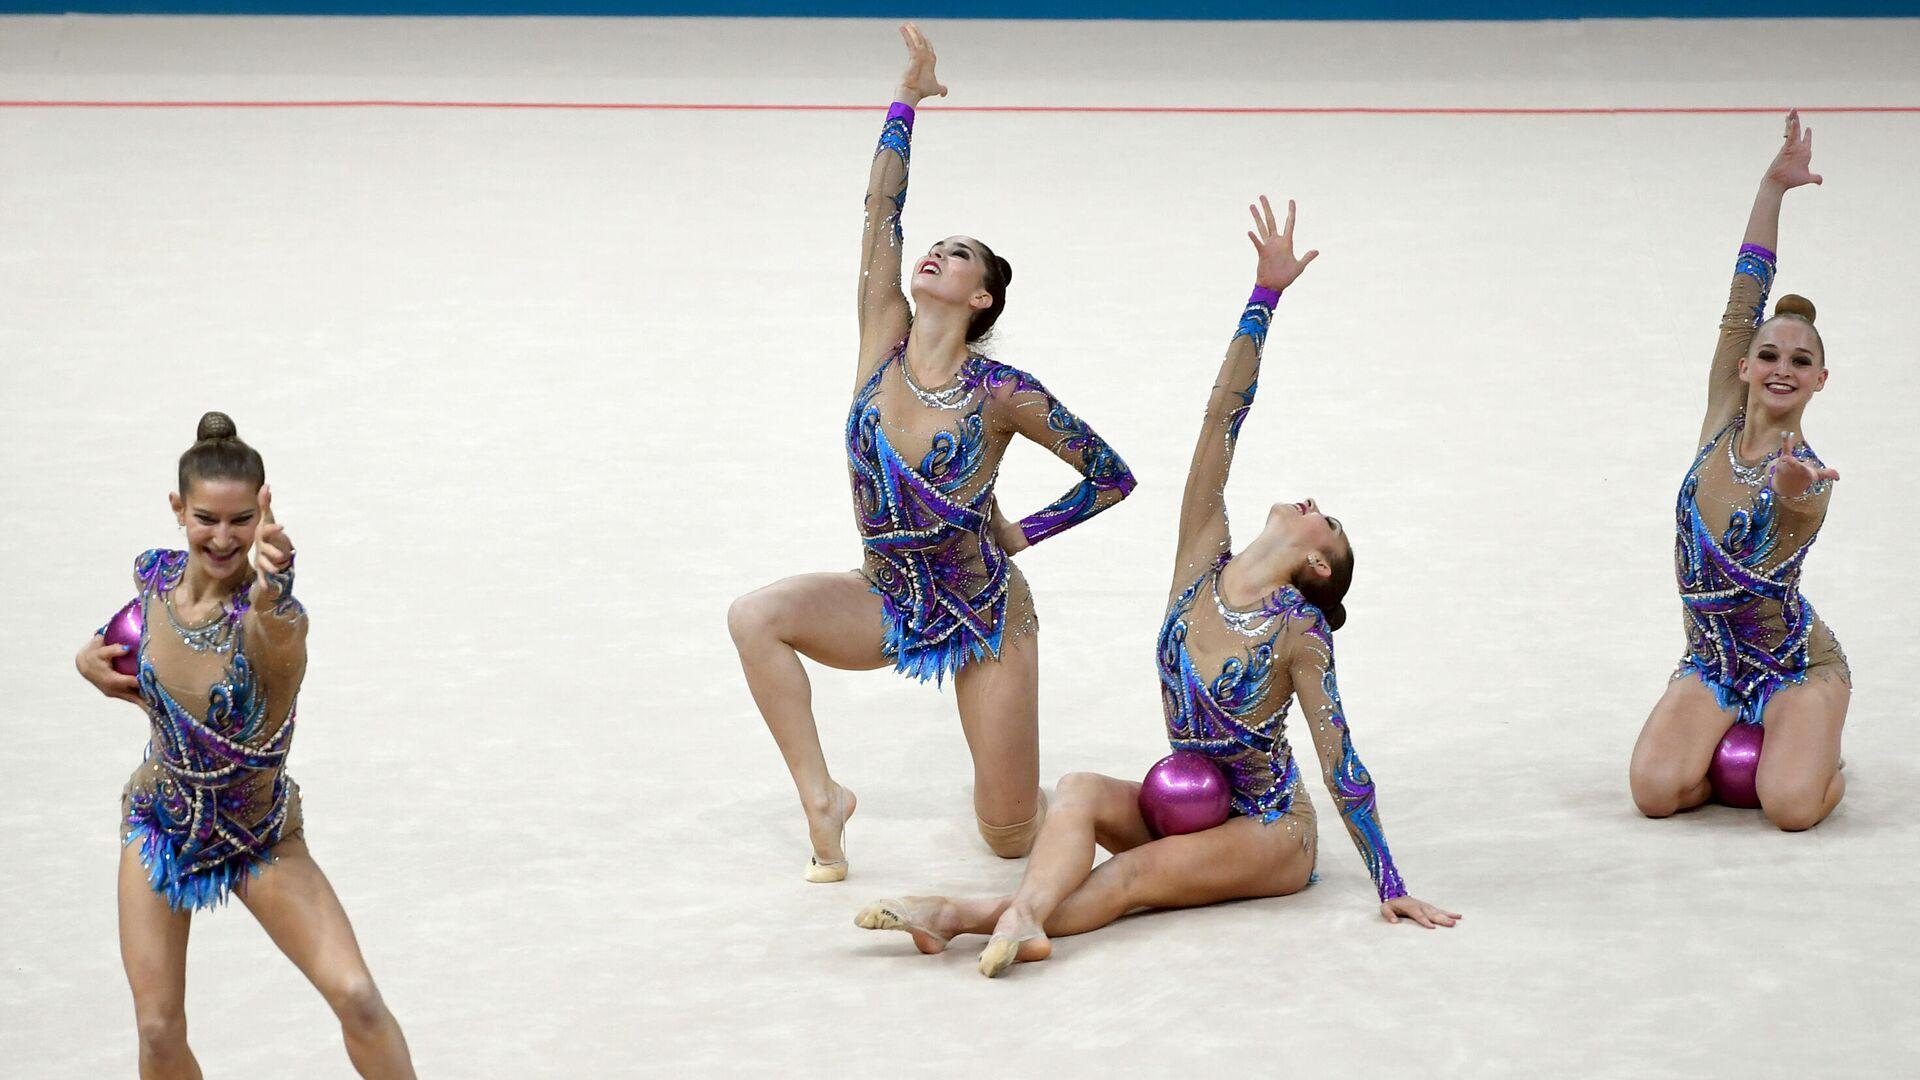 Сборная Израиля по художественной гимнастике - РИА Новости, 1920, 27.11.2020